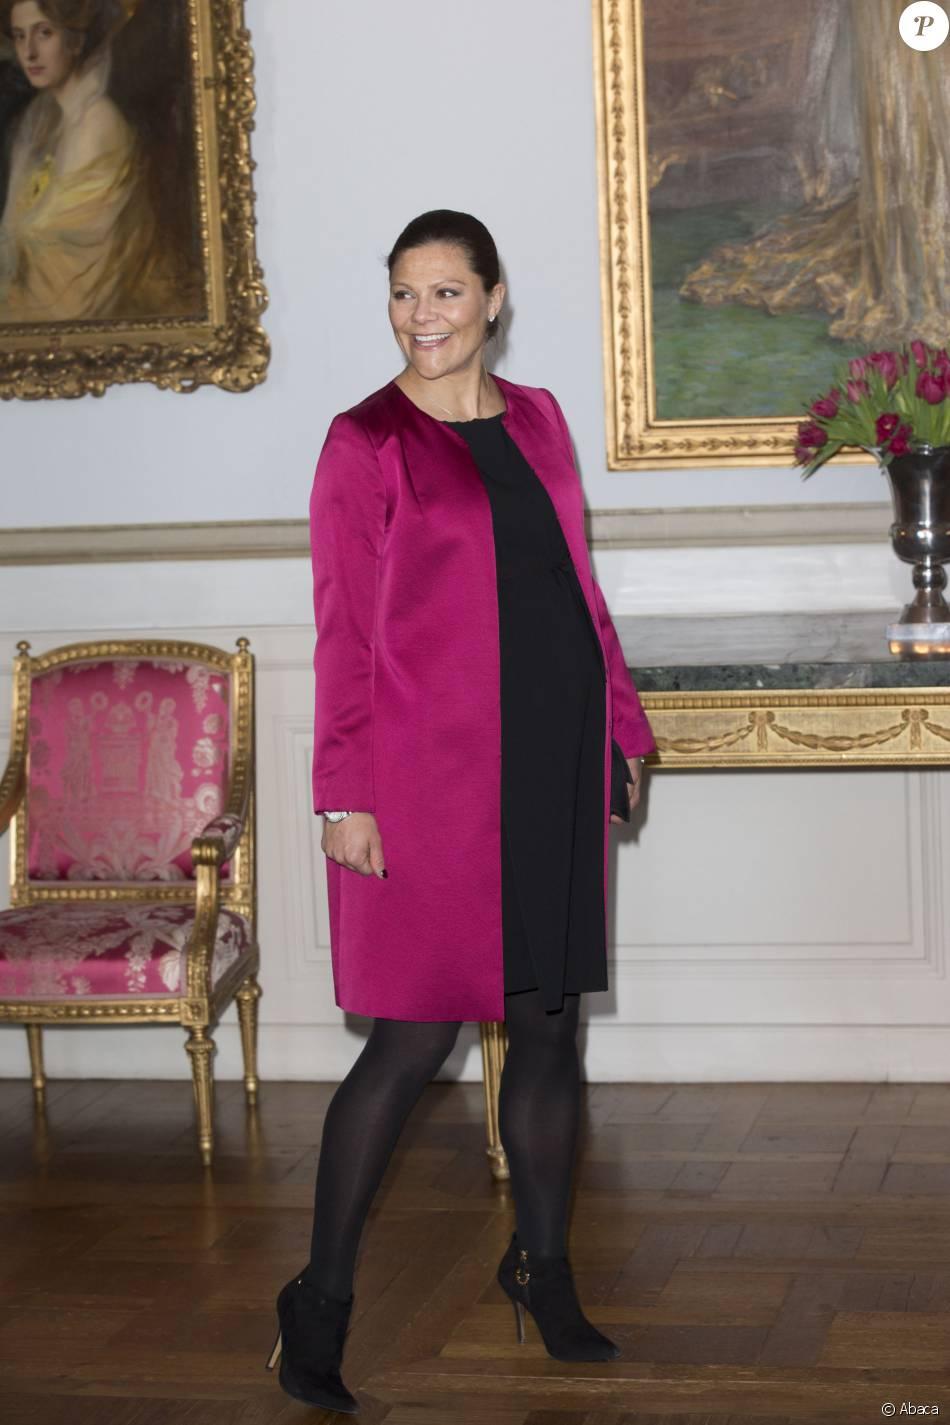 La princesse Victoria de Suède, enceinte de 7 mois, à l'inauguration de l'exposition Au fil du temps - 400 ans d'horloges royales, le 22 janvier 2016 au palais Drottningholm à Stockholm.